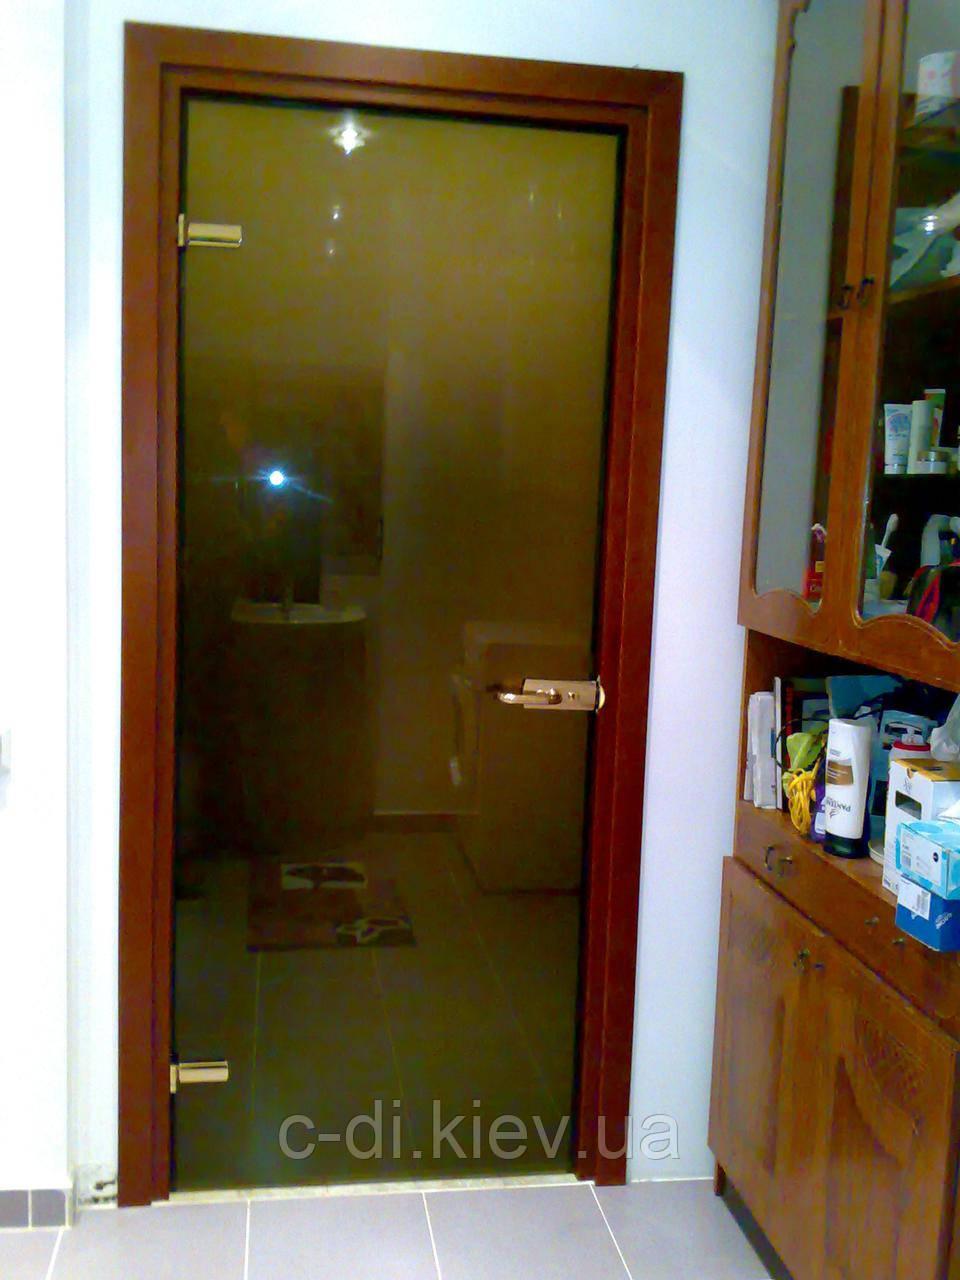 Межкомнатные двери из закаленного стекла (бронза)